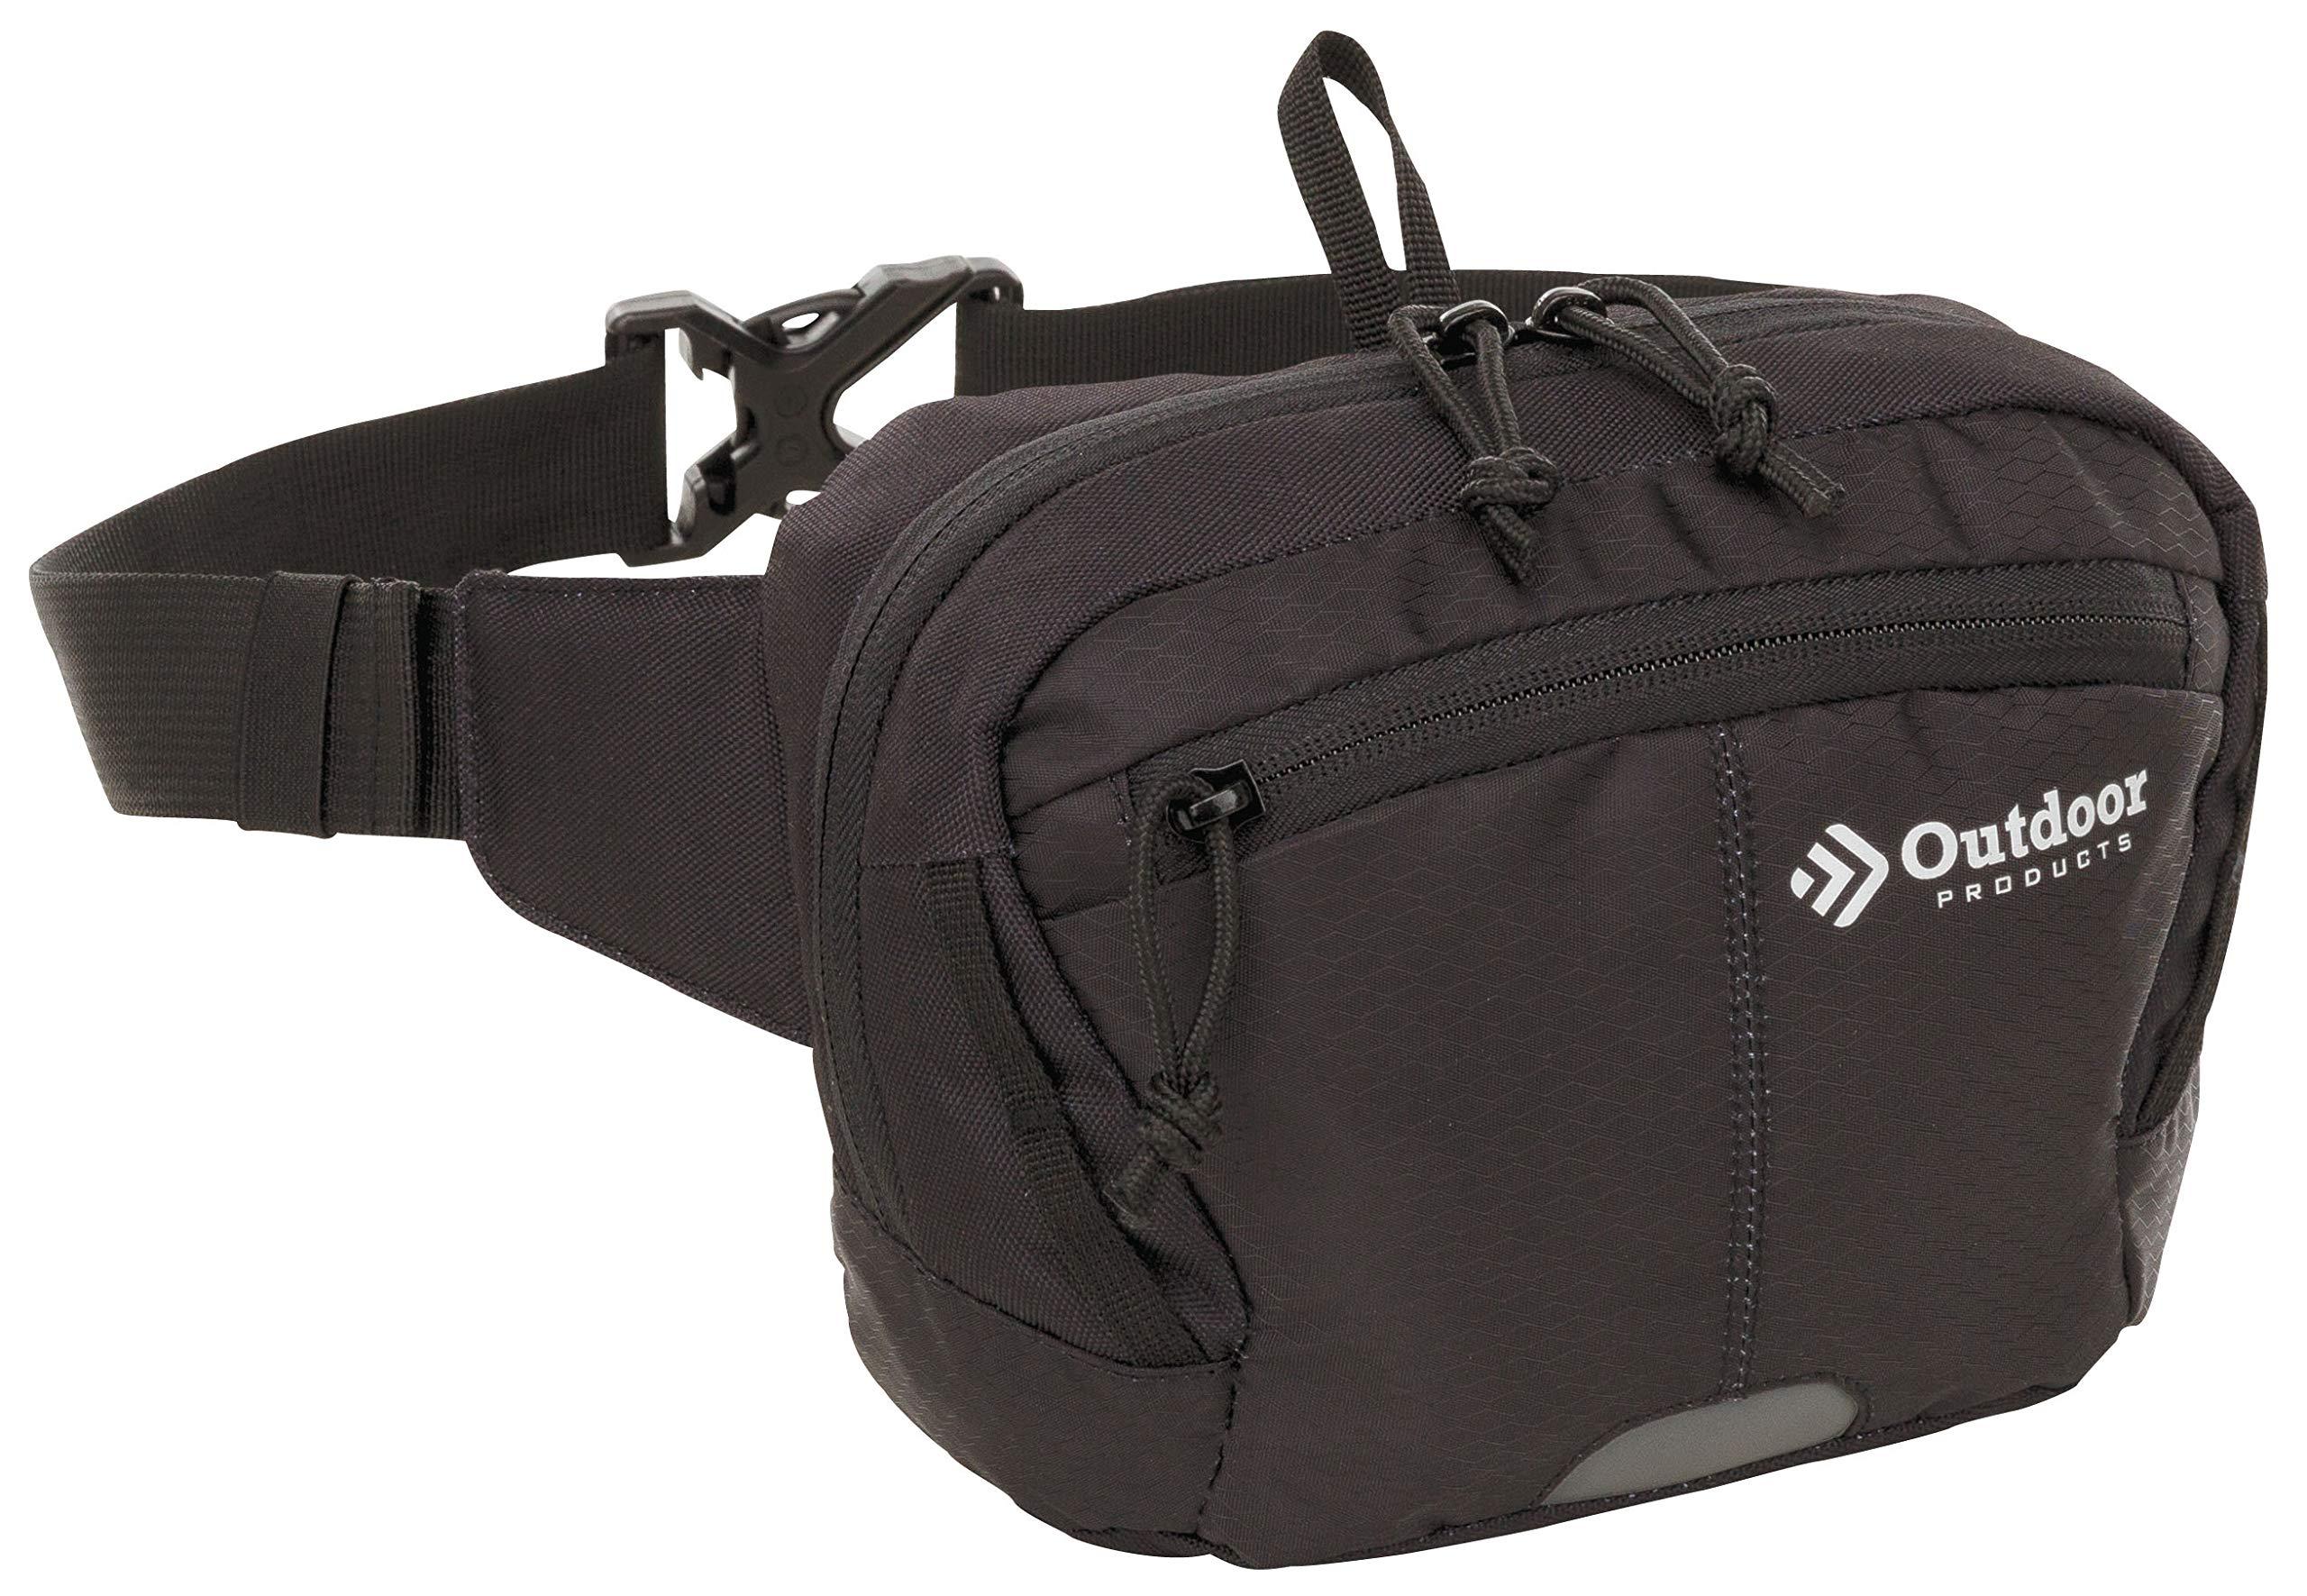 Outdoor Products Essential Waist Pack, 2.4-Liter Storage, Black